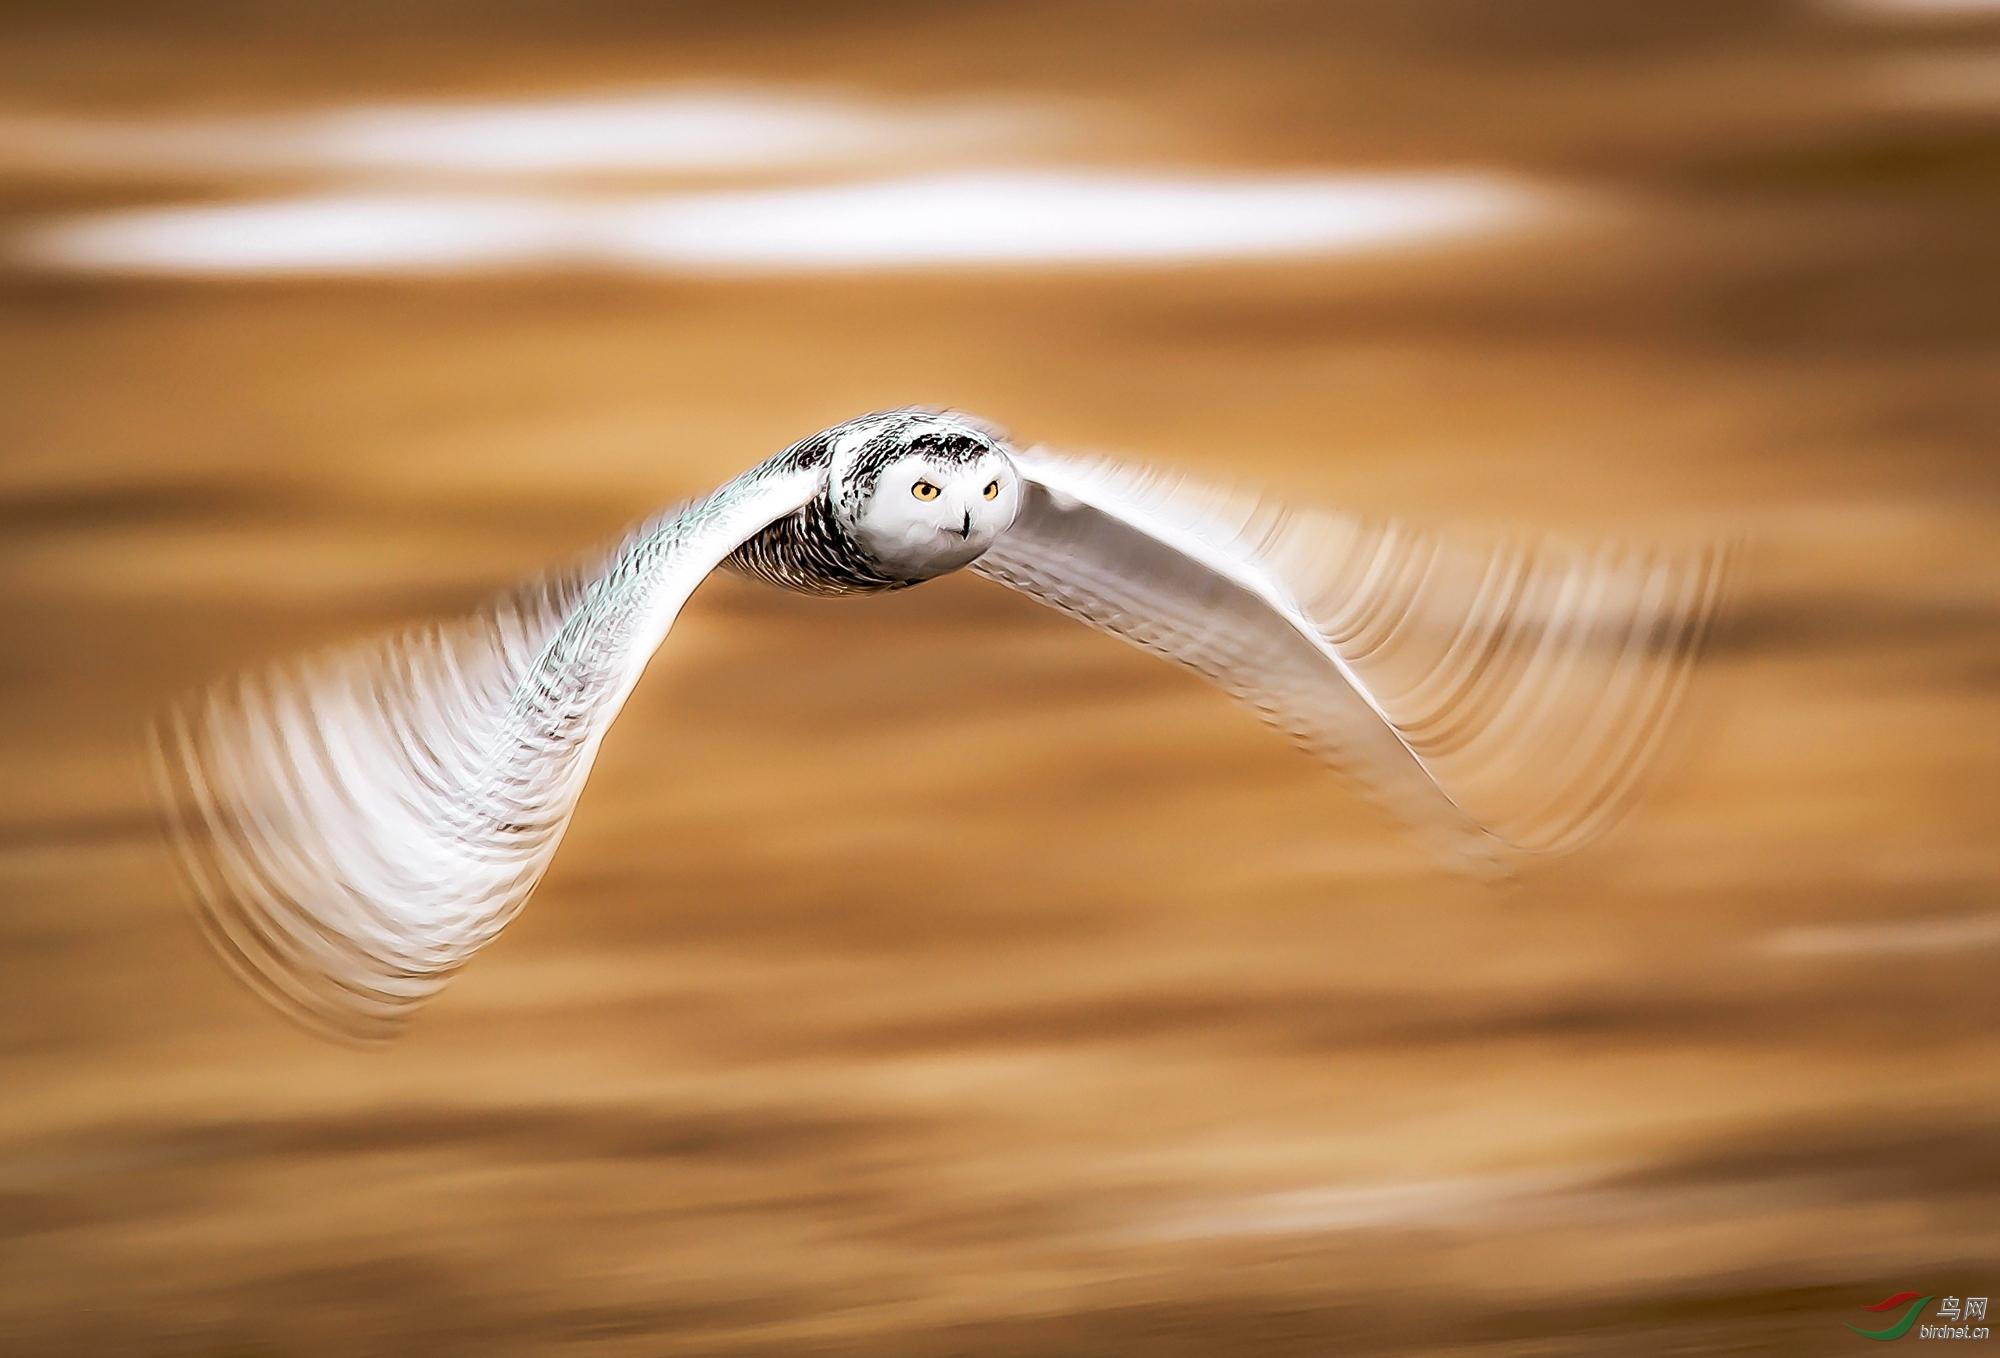 舞动的翅膀.jpg